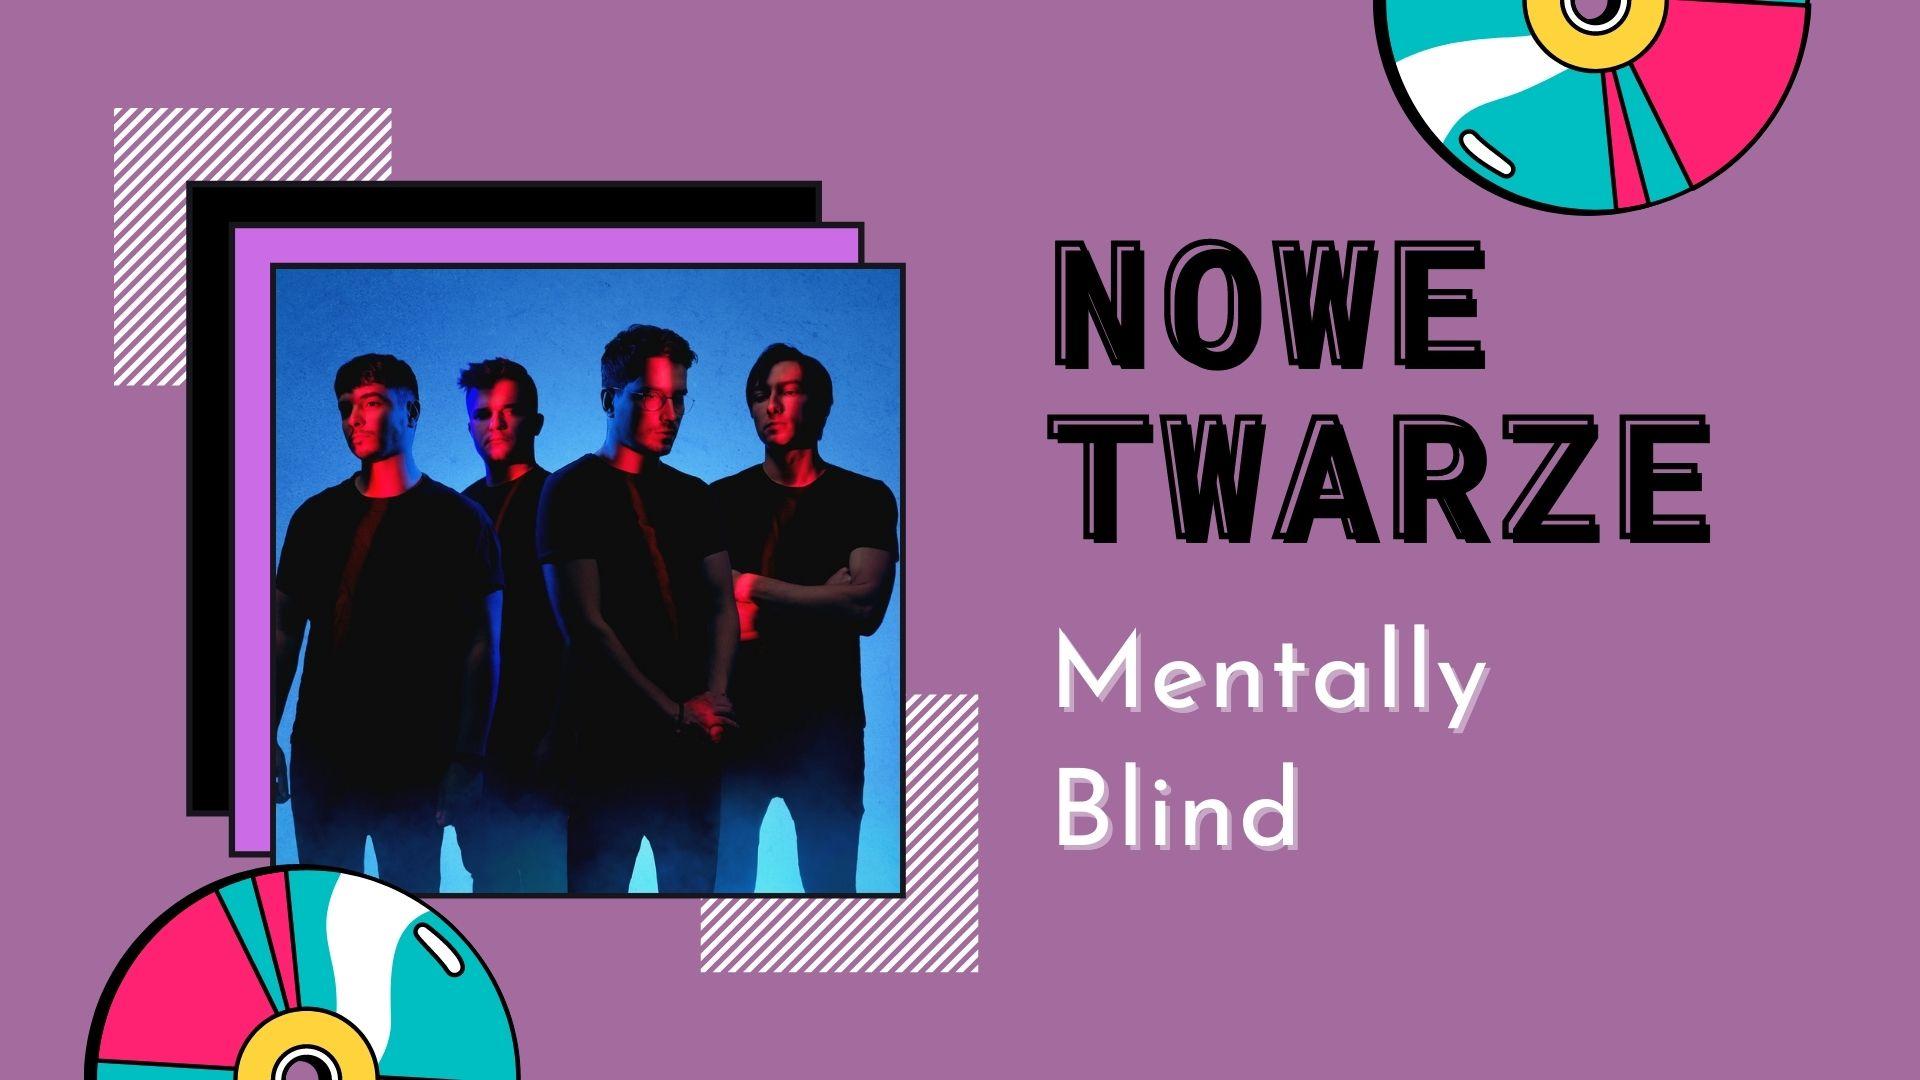 NOWE TWARZE | Mentally Blind